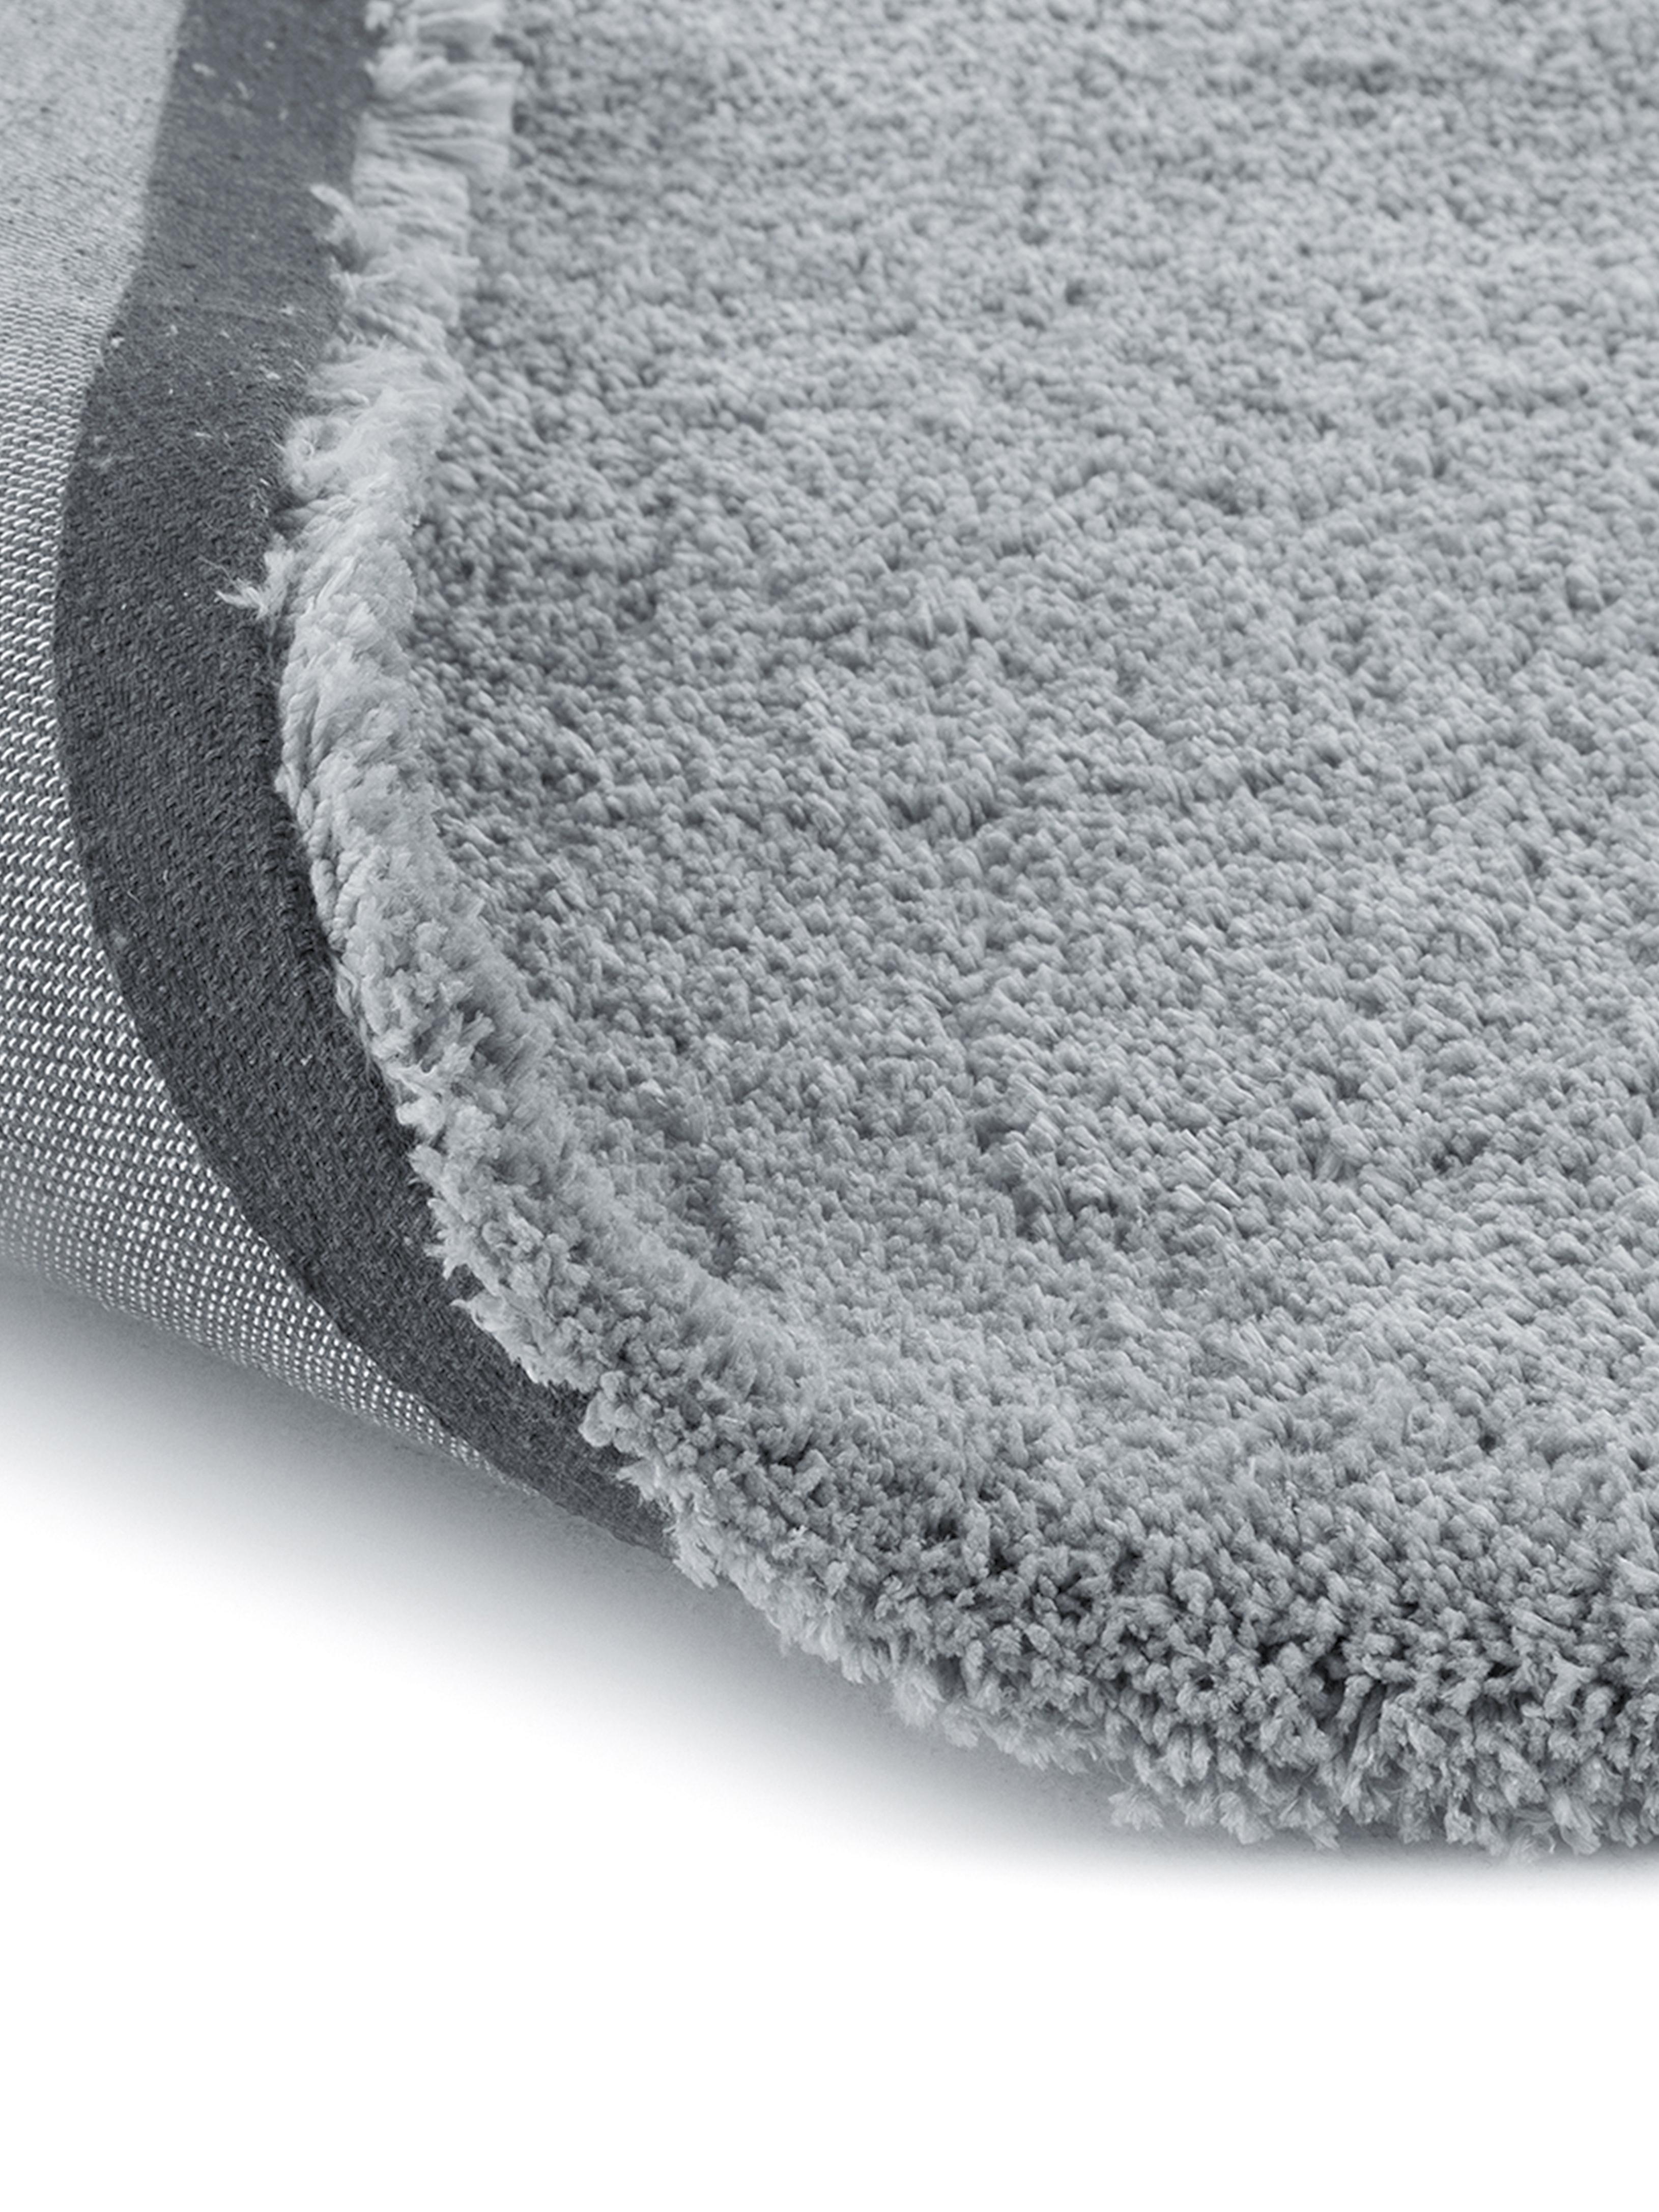 Flauschiger runder Hochflor-Teppich Leighton in Grau, Flor: 100% Polyester (Mikrofase, Grau, Ø 120 cm (Größe S)